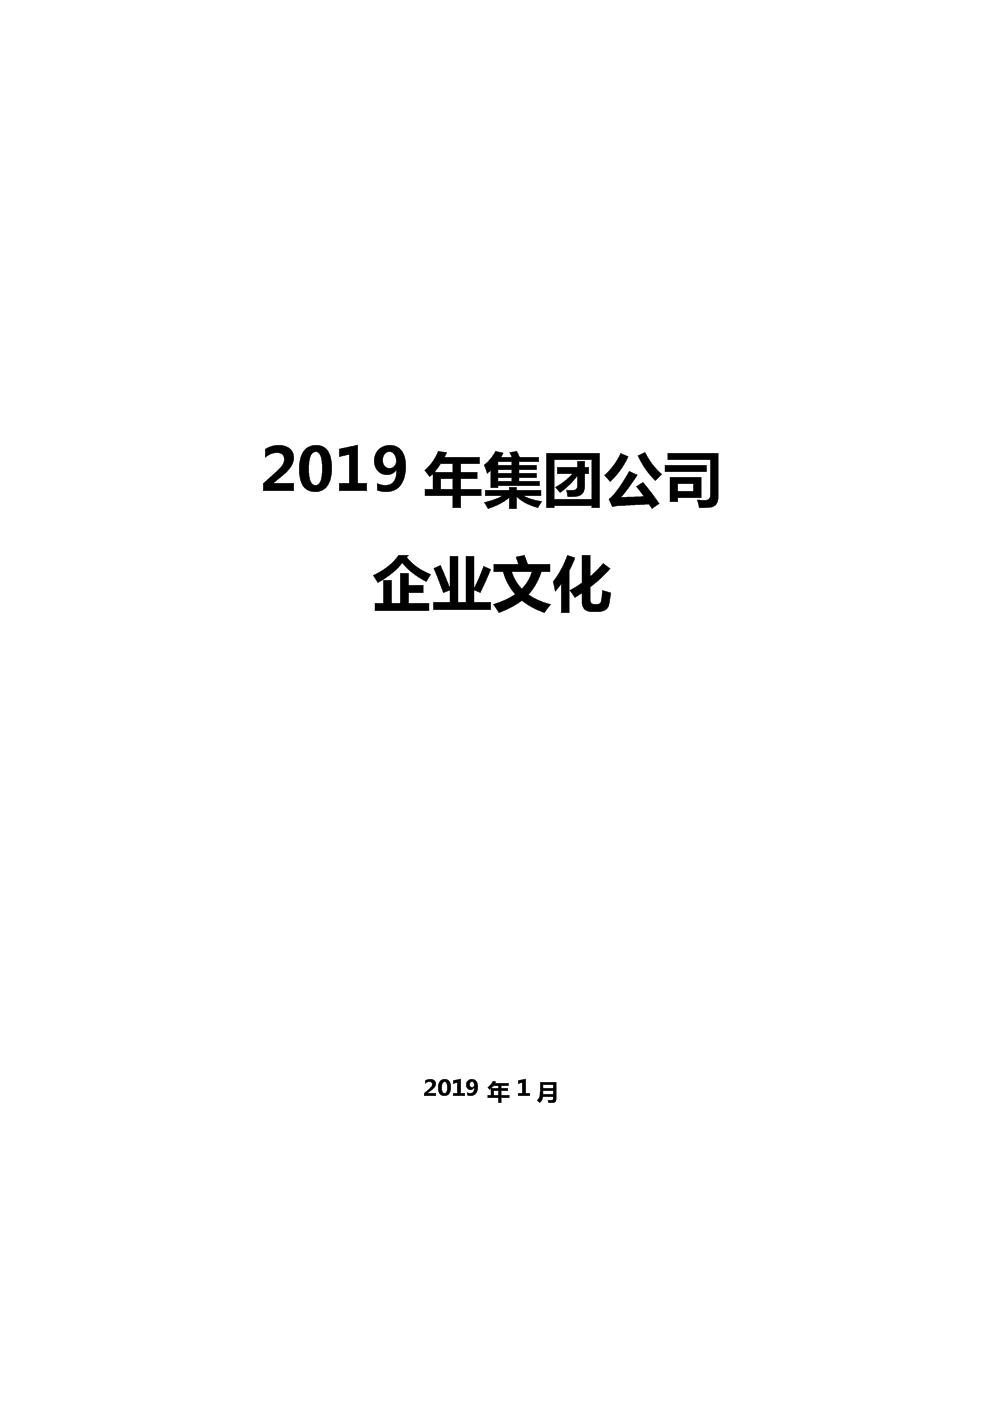 2019年集团公司企业文化管理制度.doc